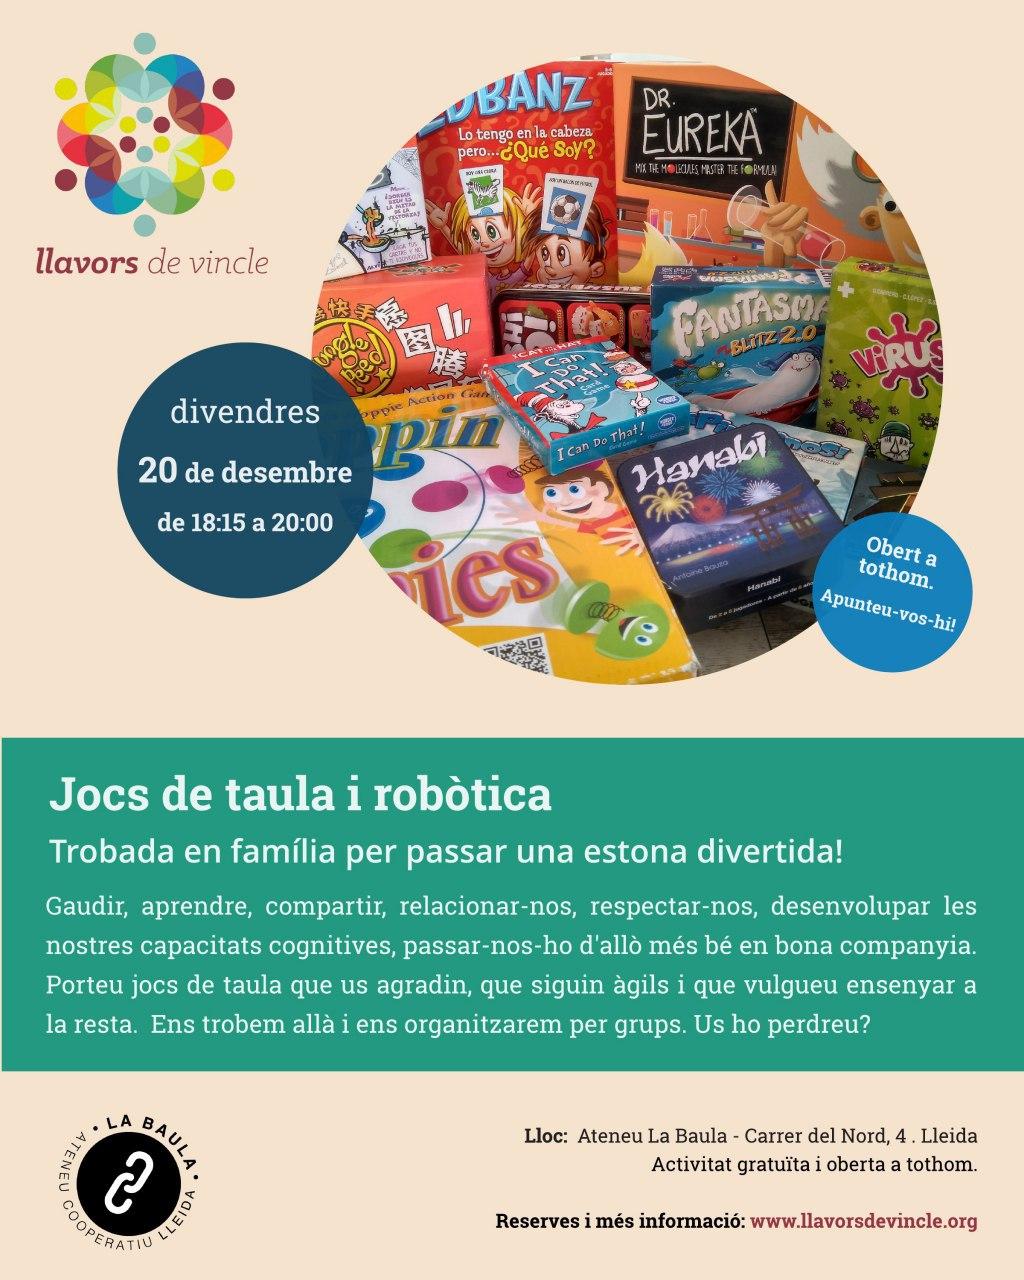 Jocs de taula i robòtica